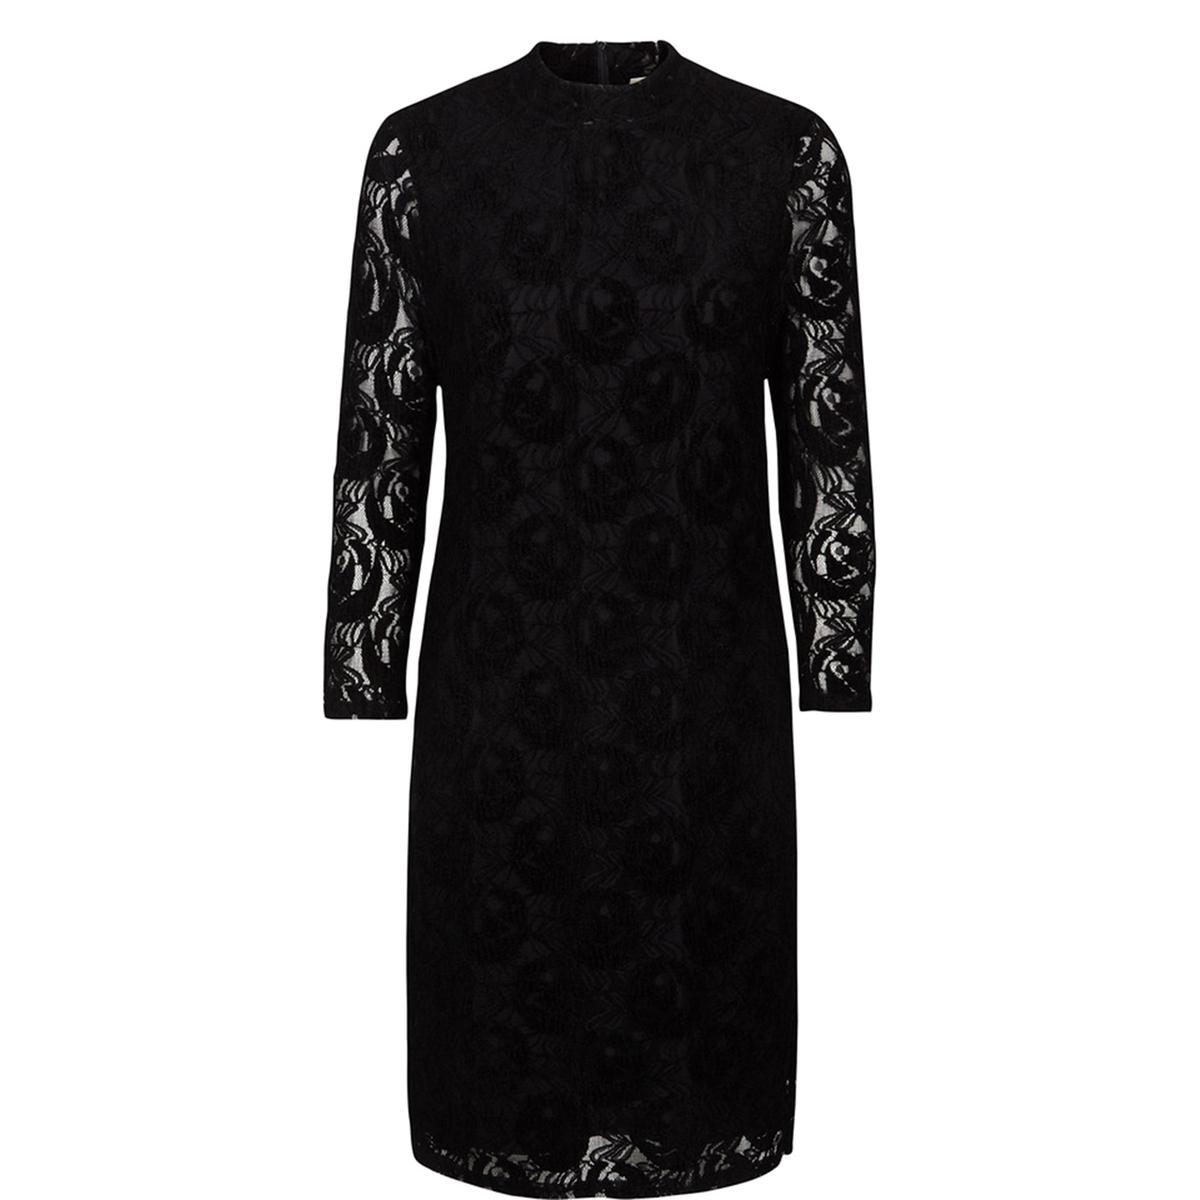 Платье из кружева OribellaСостав и описаниеМатериал : 47% полиэстера, 45% полиамида, 8% эластанаМарка : N?mphМодель : OribellaУходСледуйте рекомендациям по уходу, указанным на этикетке изделия<br><br>Цвет: черный<br>Размер: 40 (FR) - 46 (RUS)